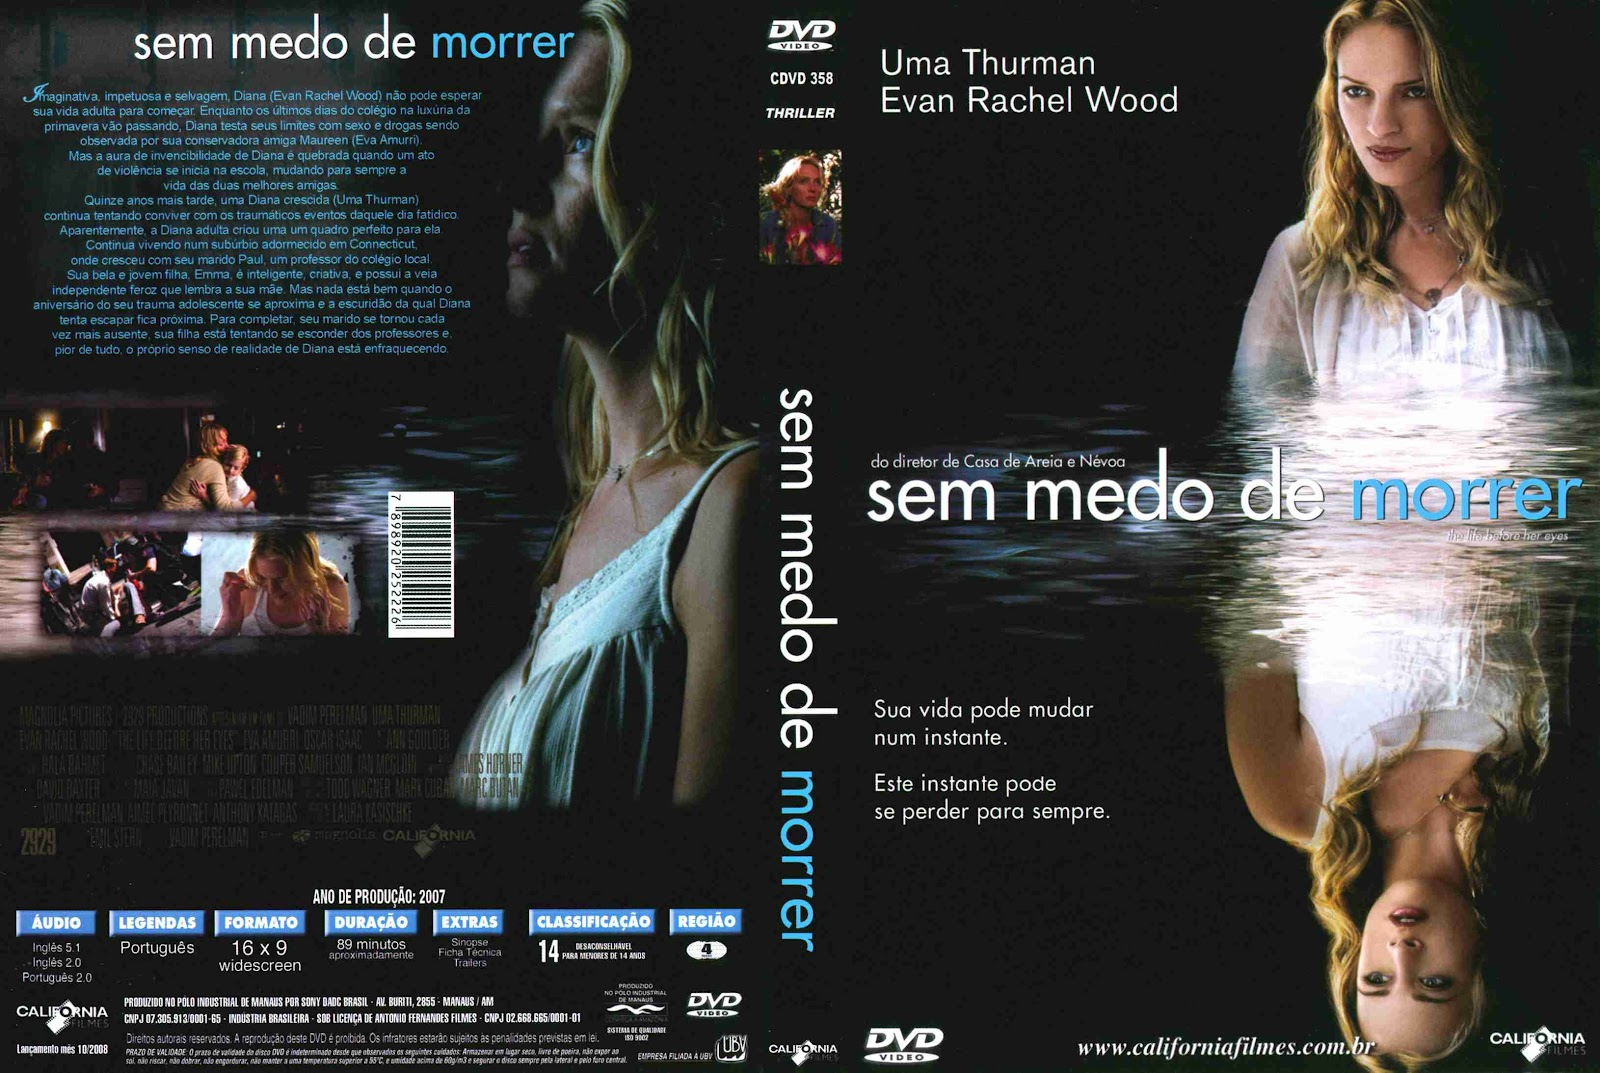 http://4.bp.blogspot.com/-WTZZZJxCaik/T5tQPXBHCmI/AAAAAAAAAII/Rz7i4A8JCd0/s1600/Sem+Medo+De+Morrer.jpg